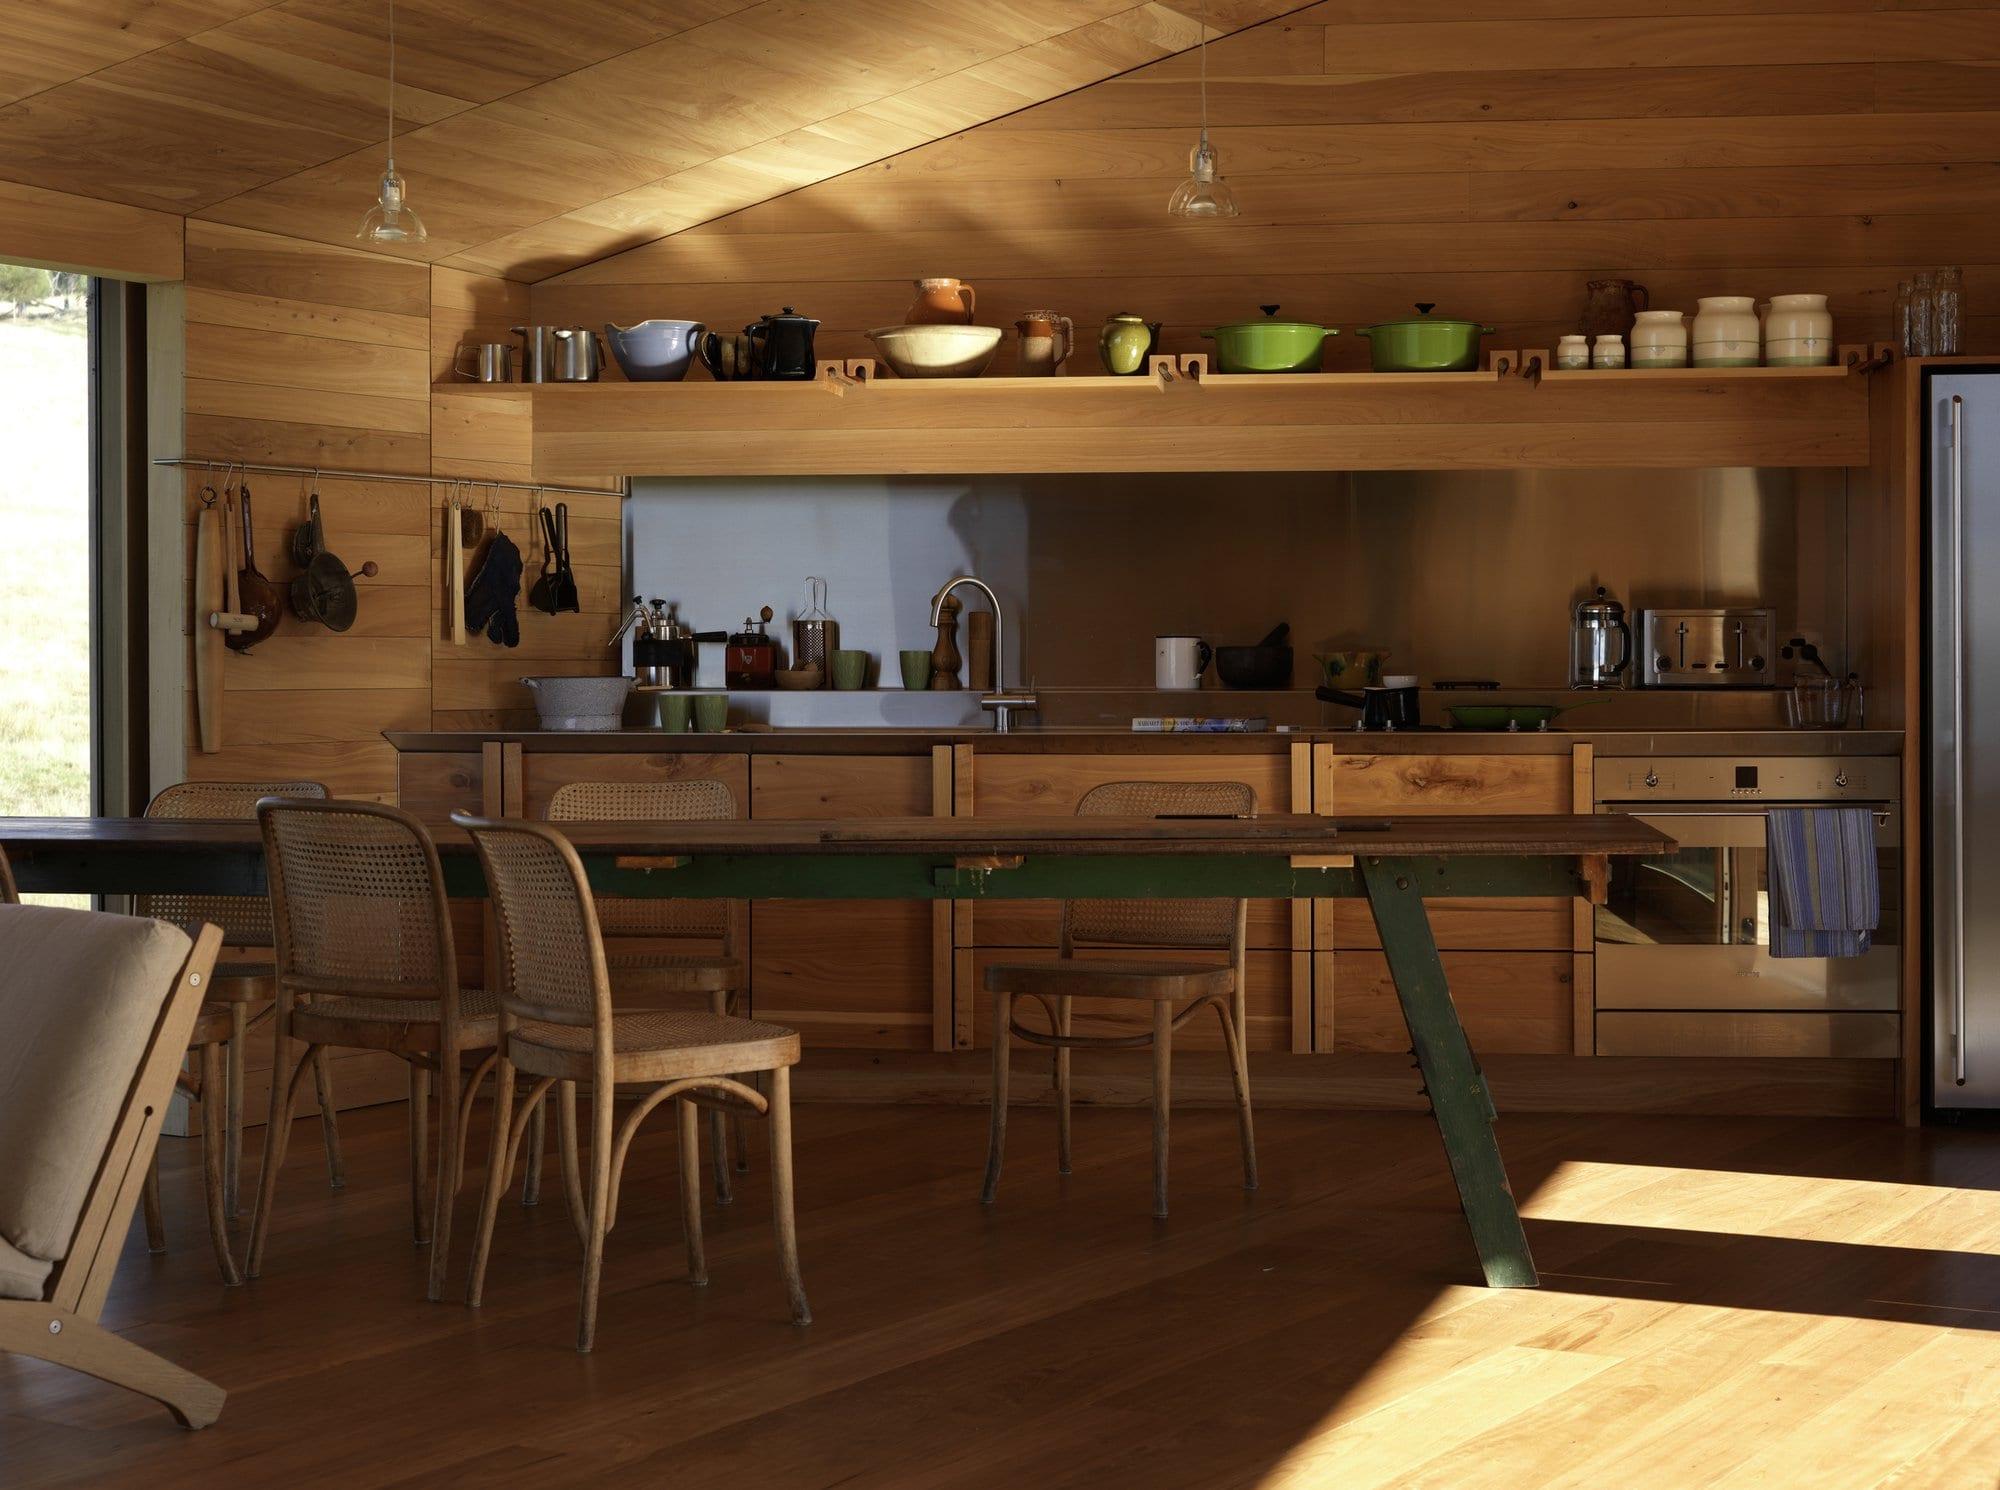 moderne küche holz mit pendellampen und Esstisch holz